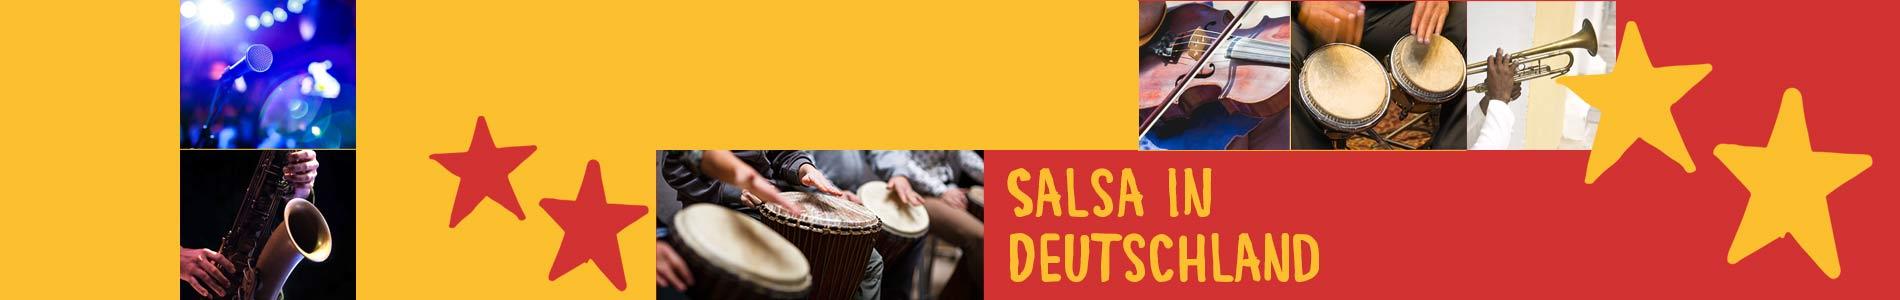 Salsa in Breitungen – Salsa lernen und tanzen, Tanzkurse, Partys, Veranstaltungen